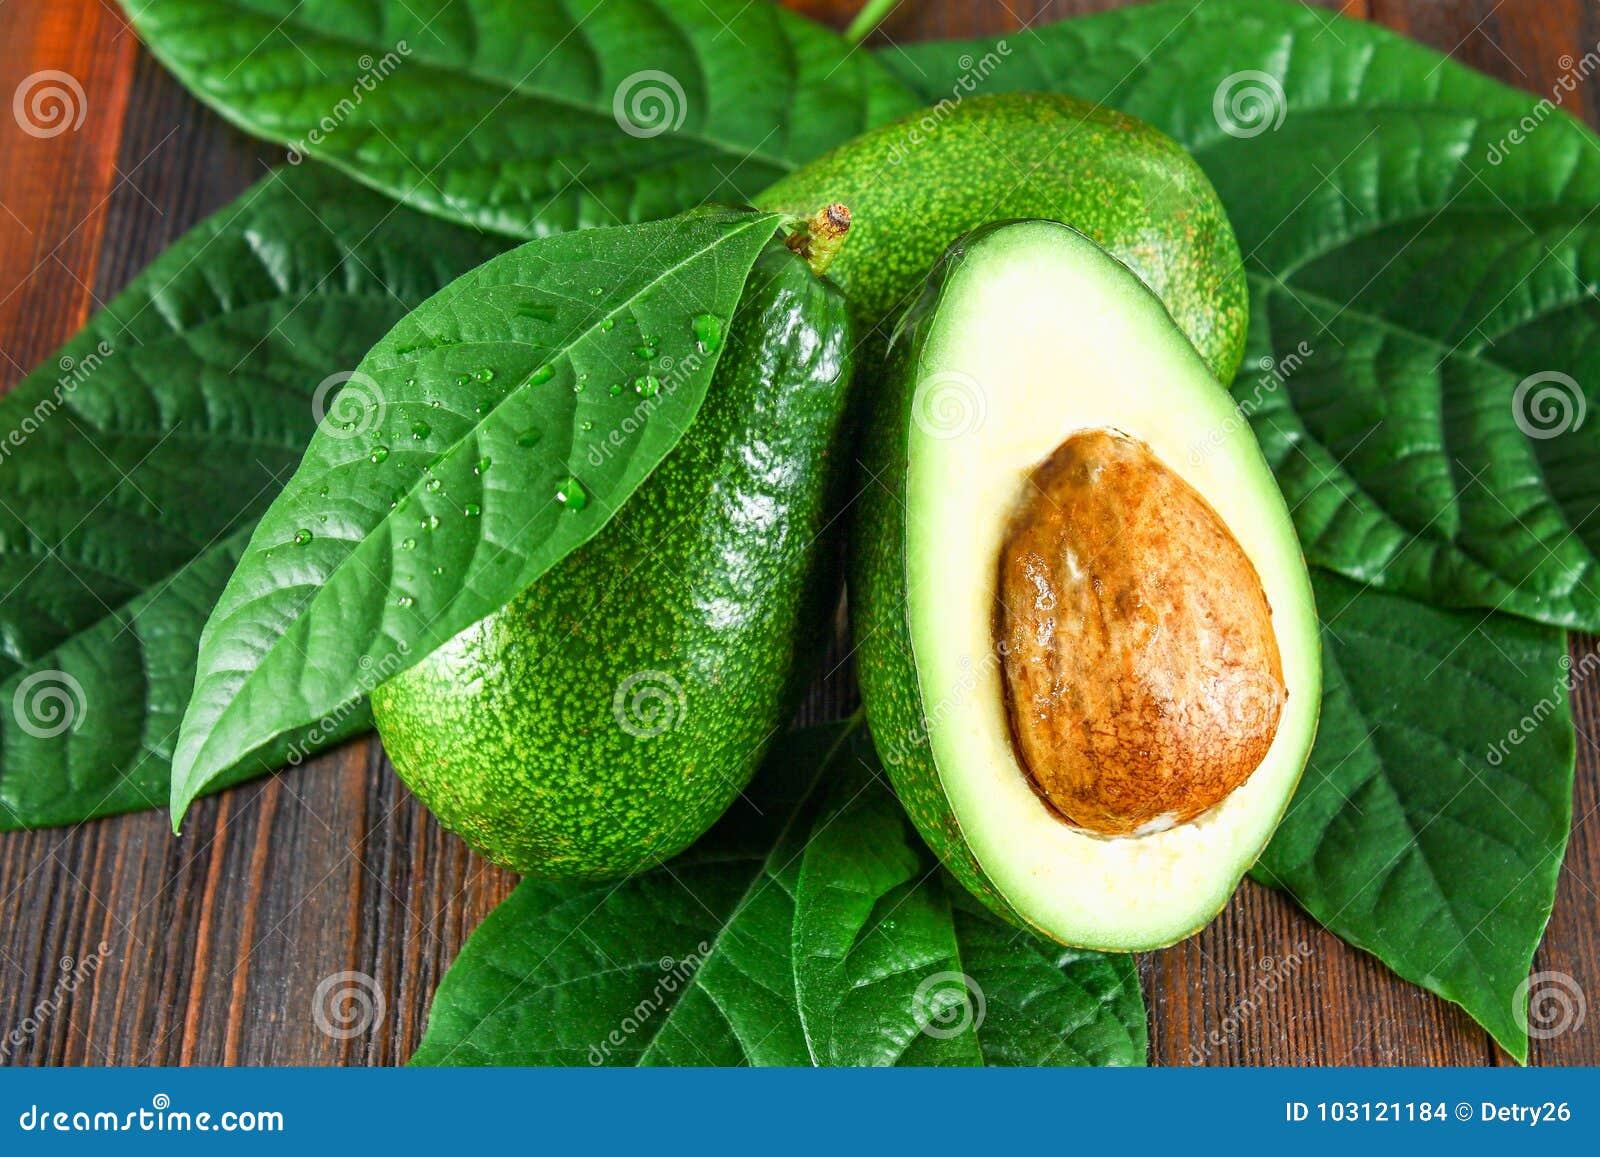 Trzy zielonej surowej dojrzałej avocado owoc i rżniętej połówka z kością z liśćmi na brown drewnianym stole